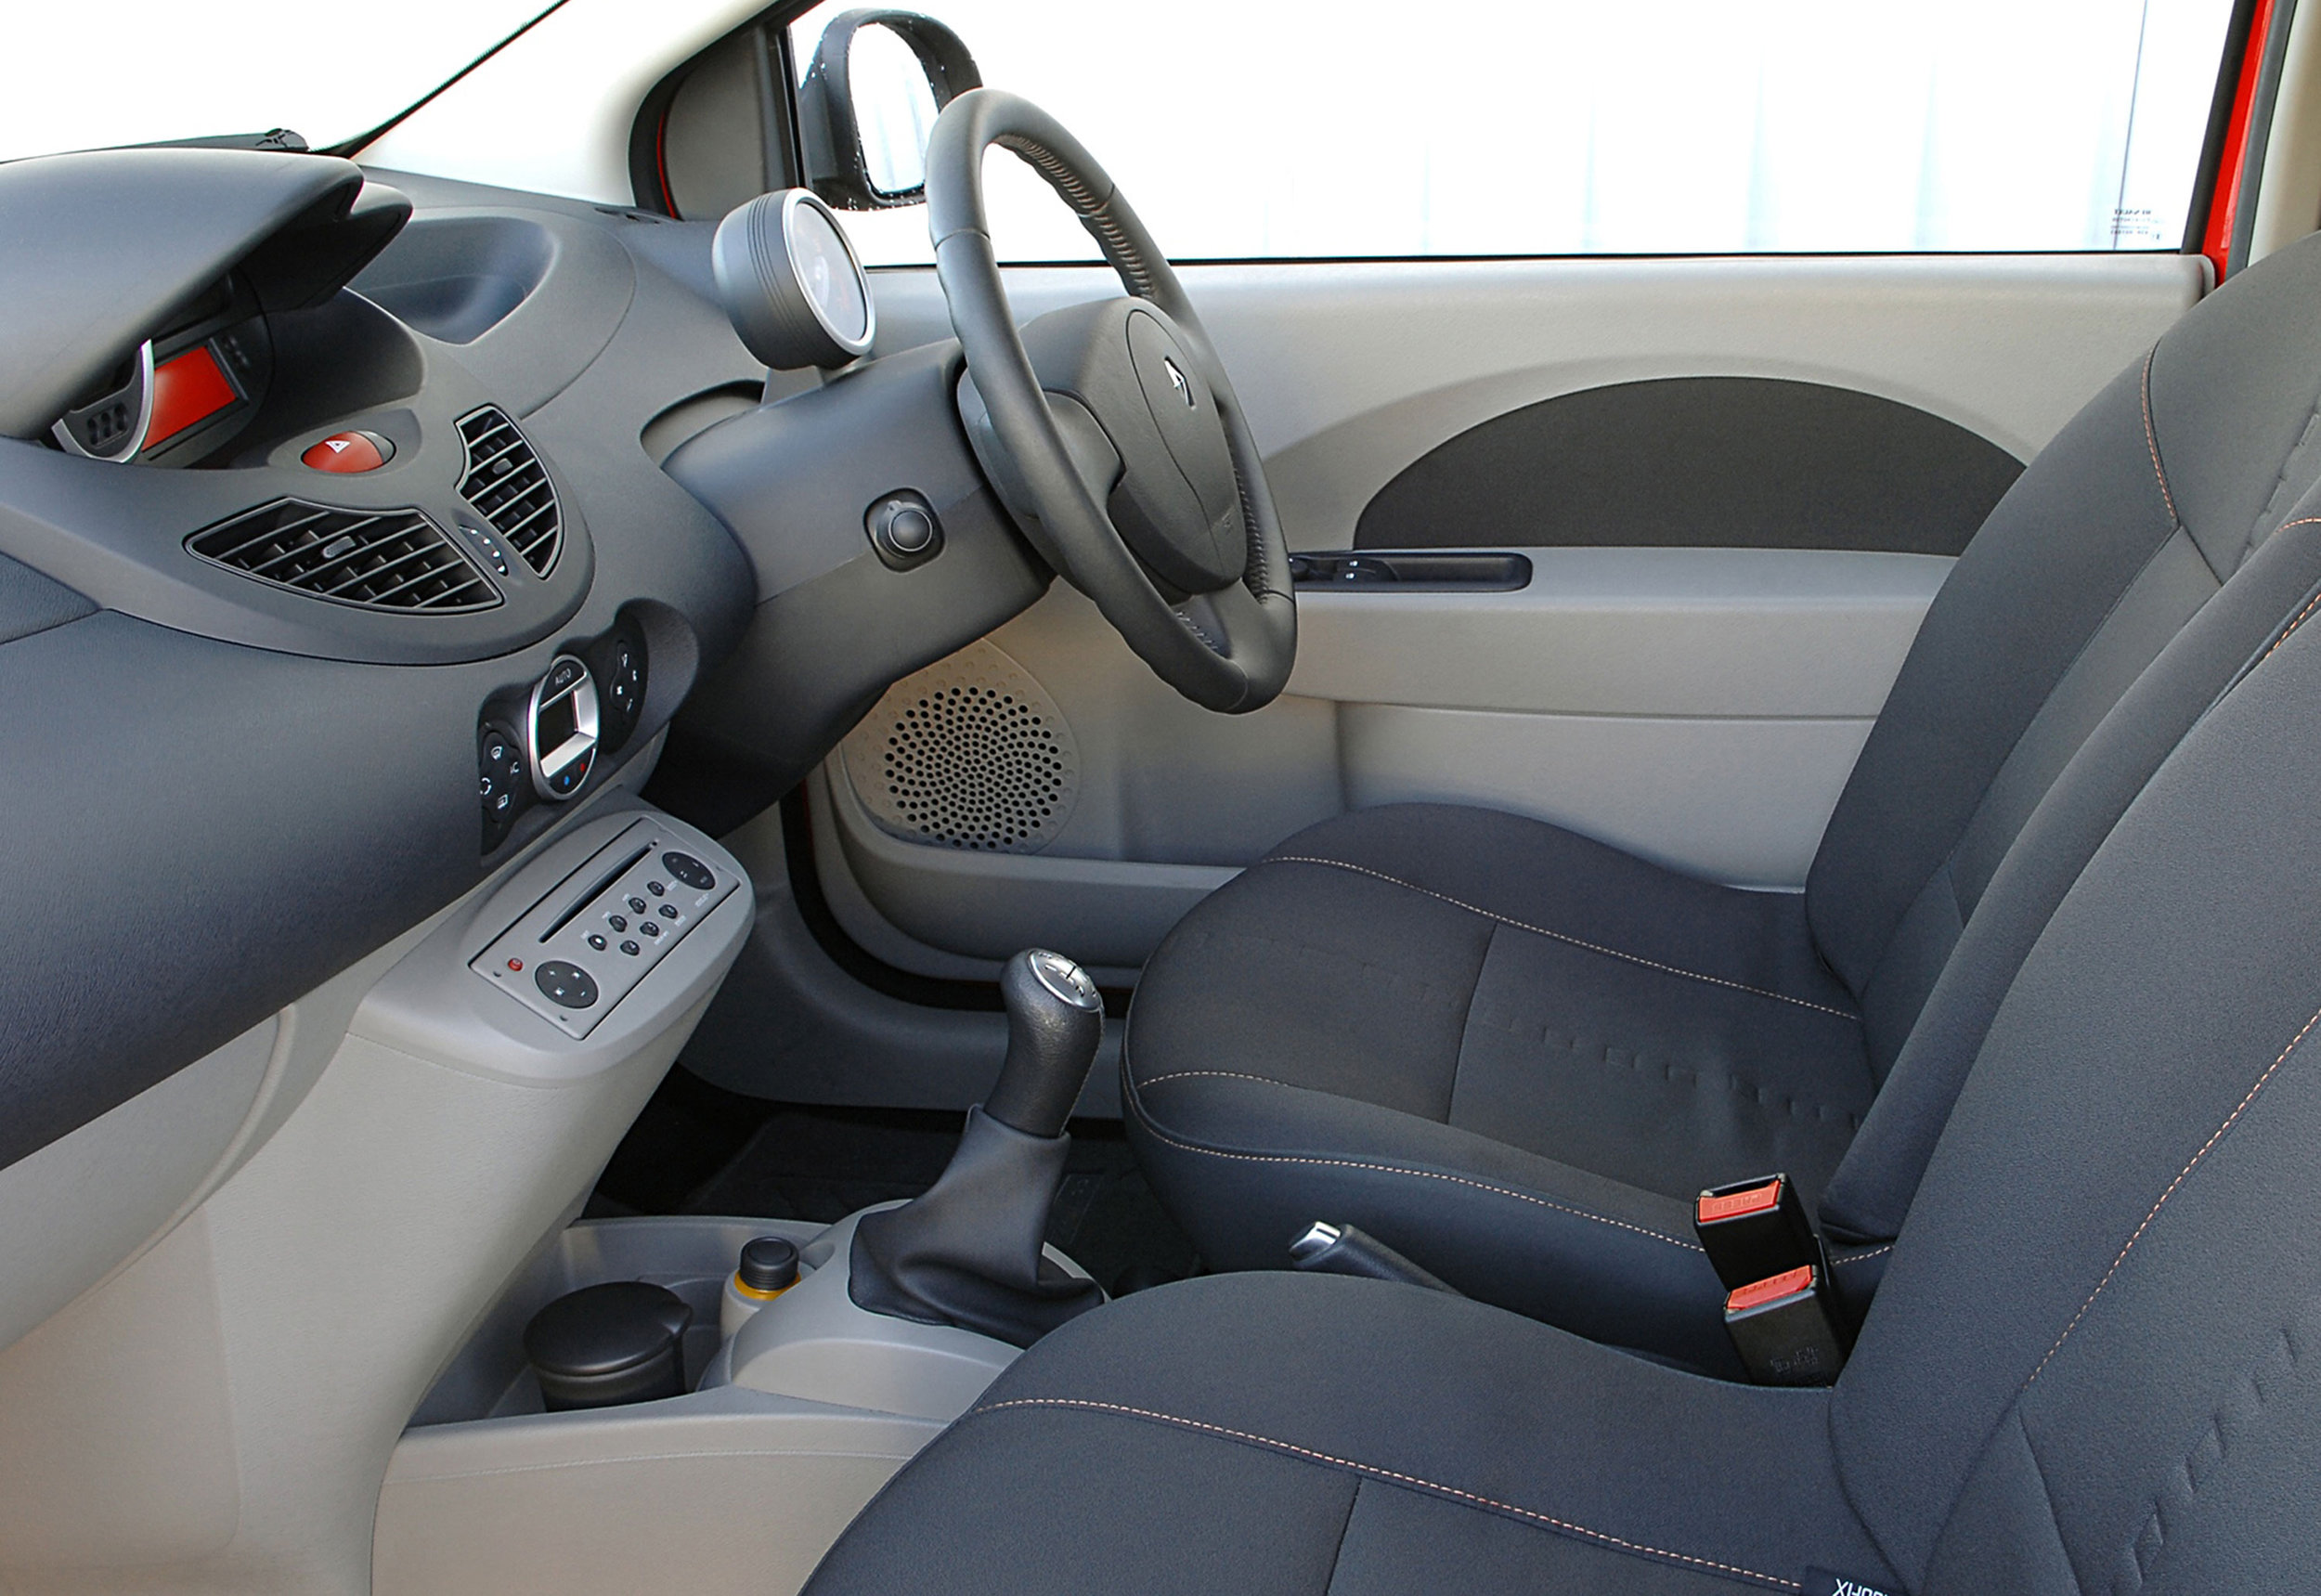 Renault-Twingo-13.jpg